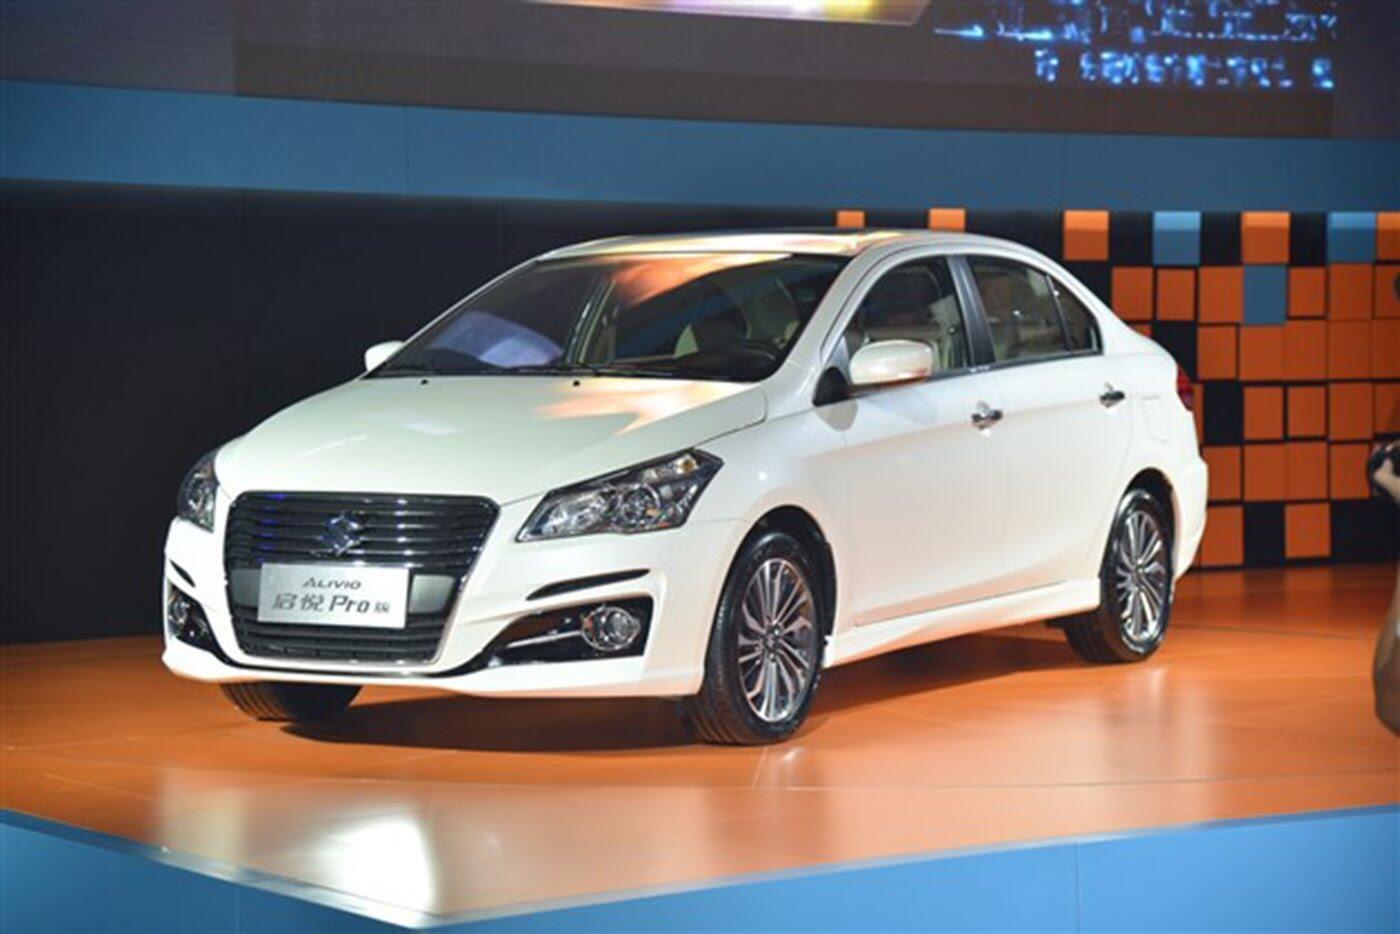 Suzuki Ciaz bản nâng cấp chính thức lộ diện - Hình 2